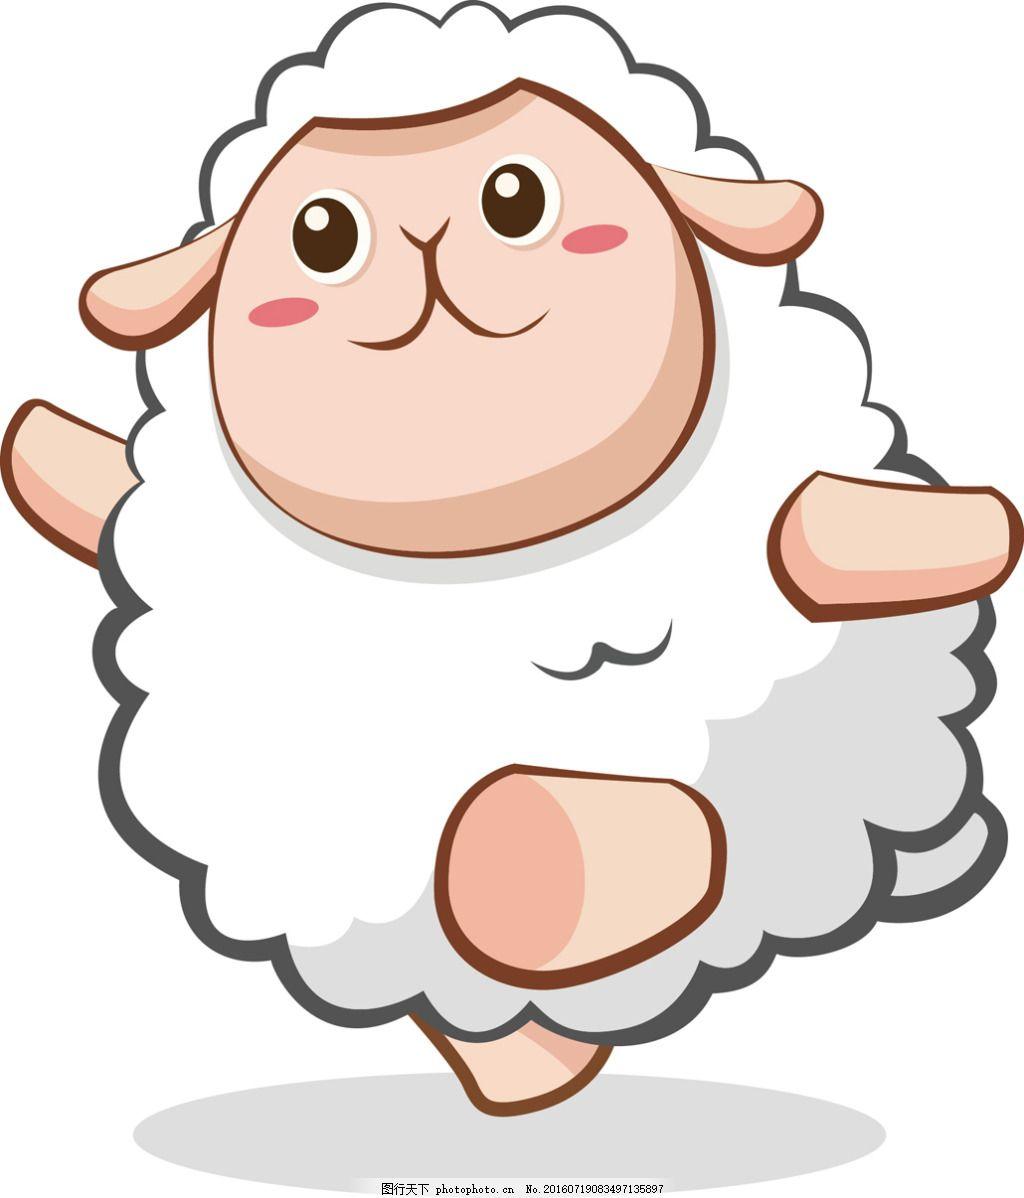 卡通画小羊手绘